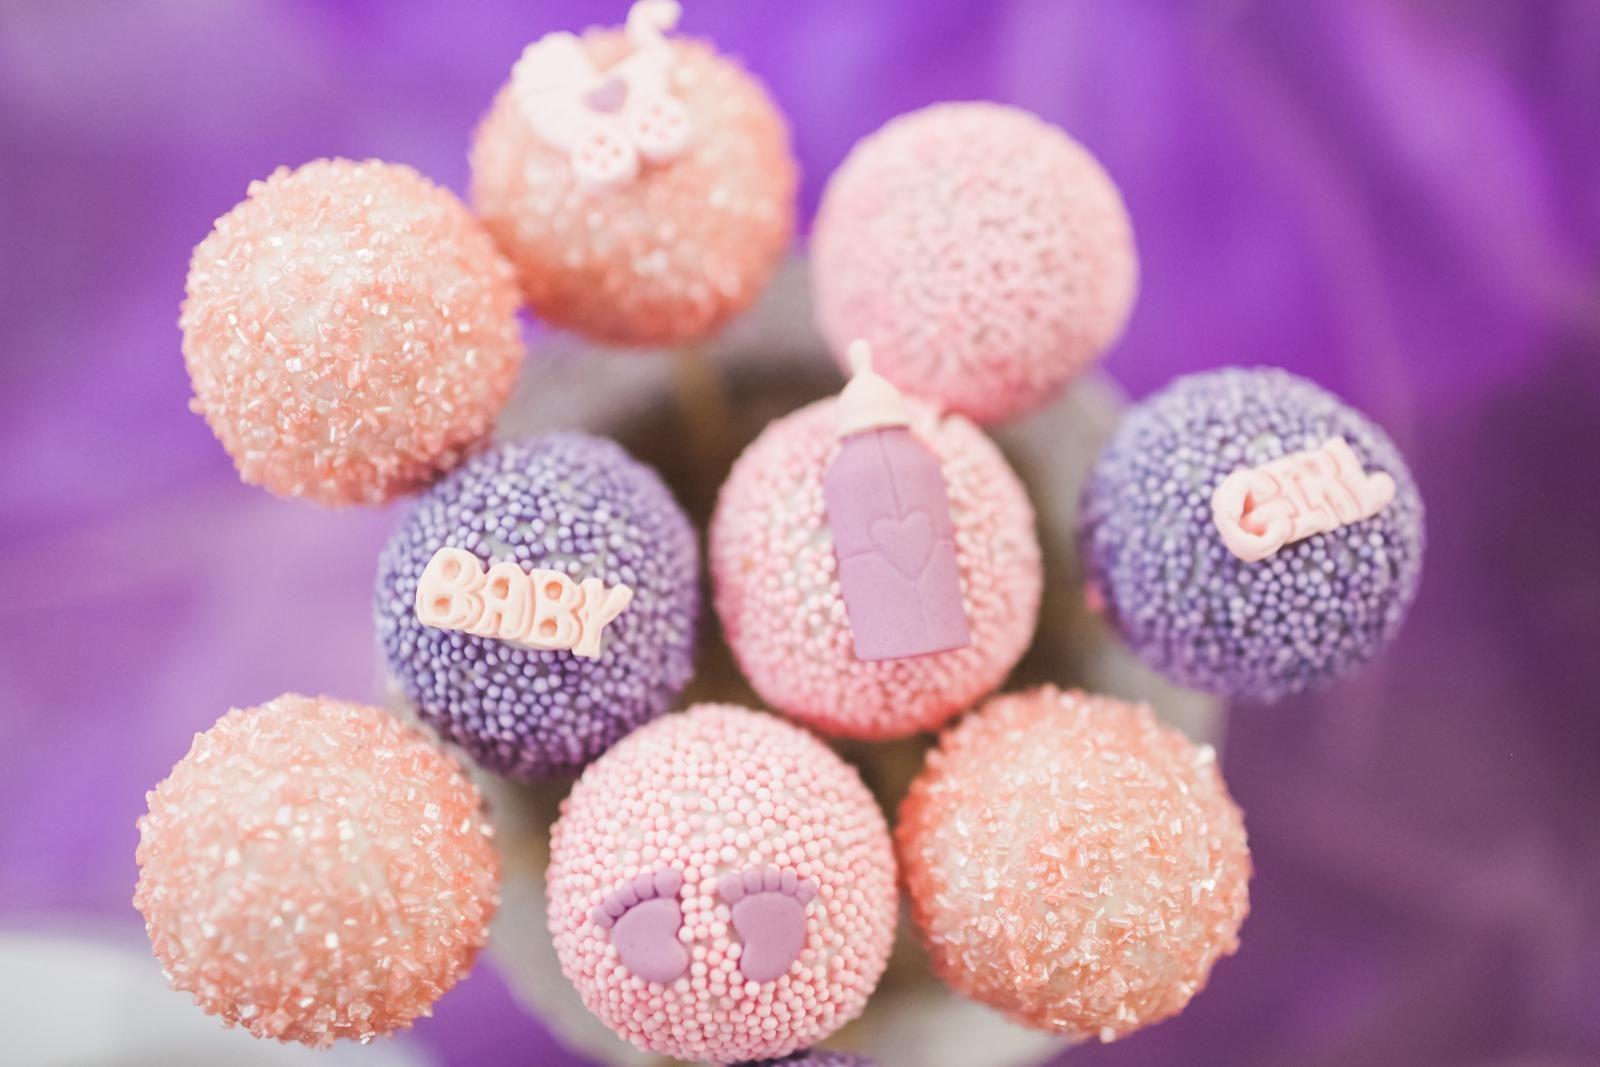 Gender Neutral parenting - pink or blue